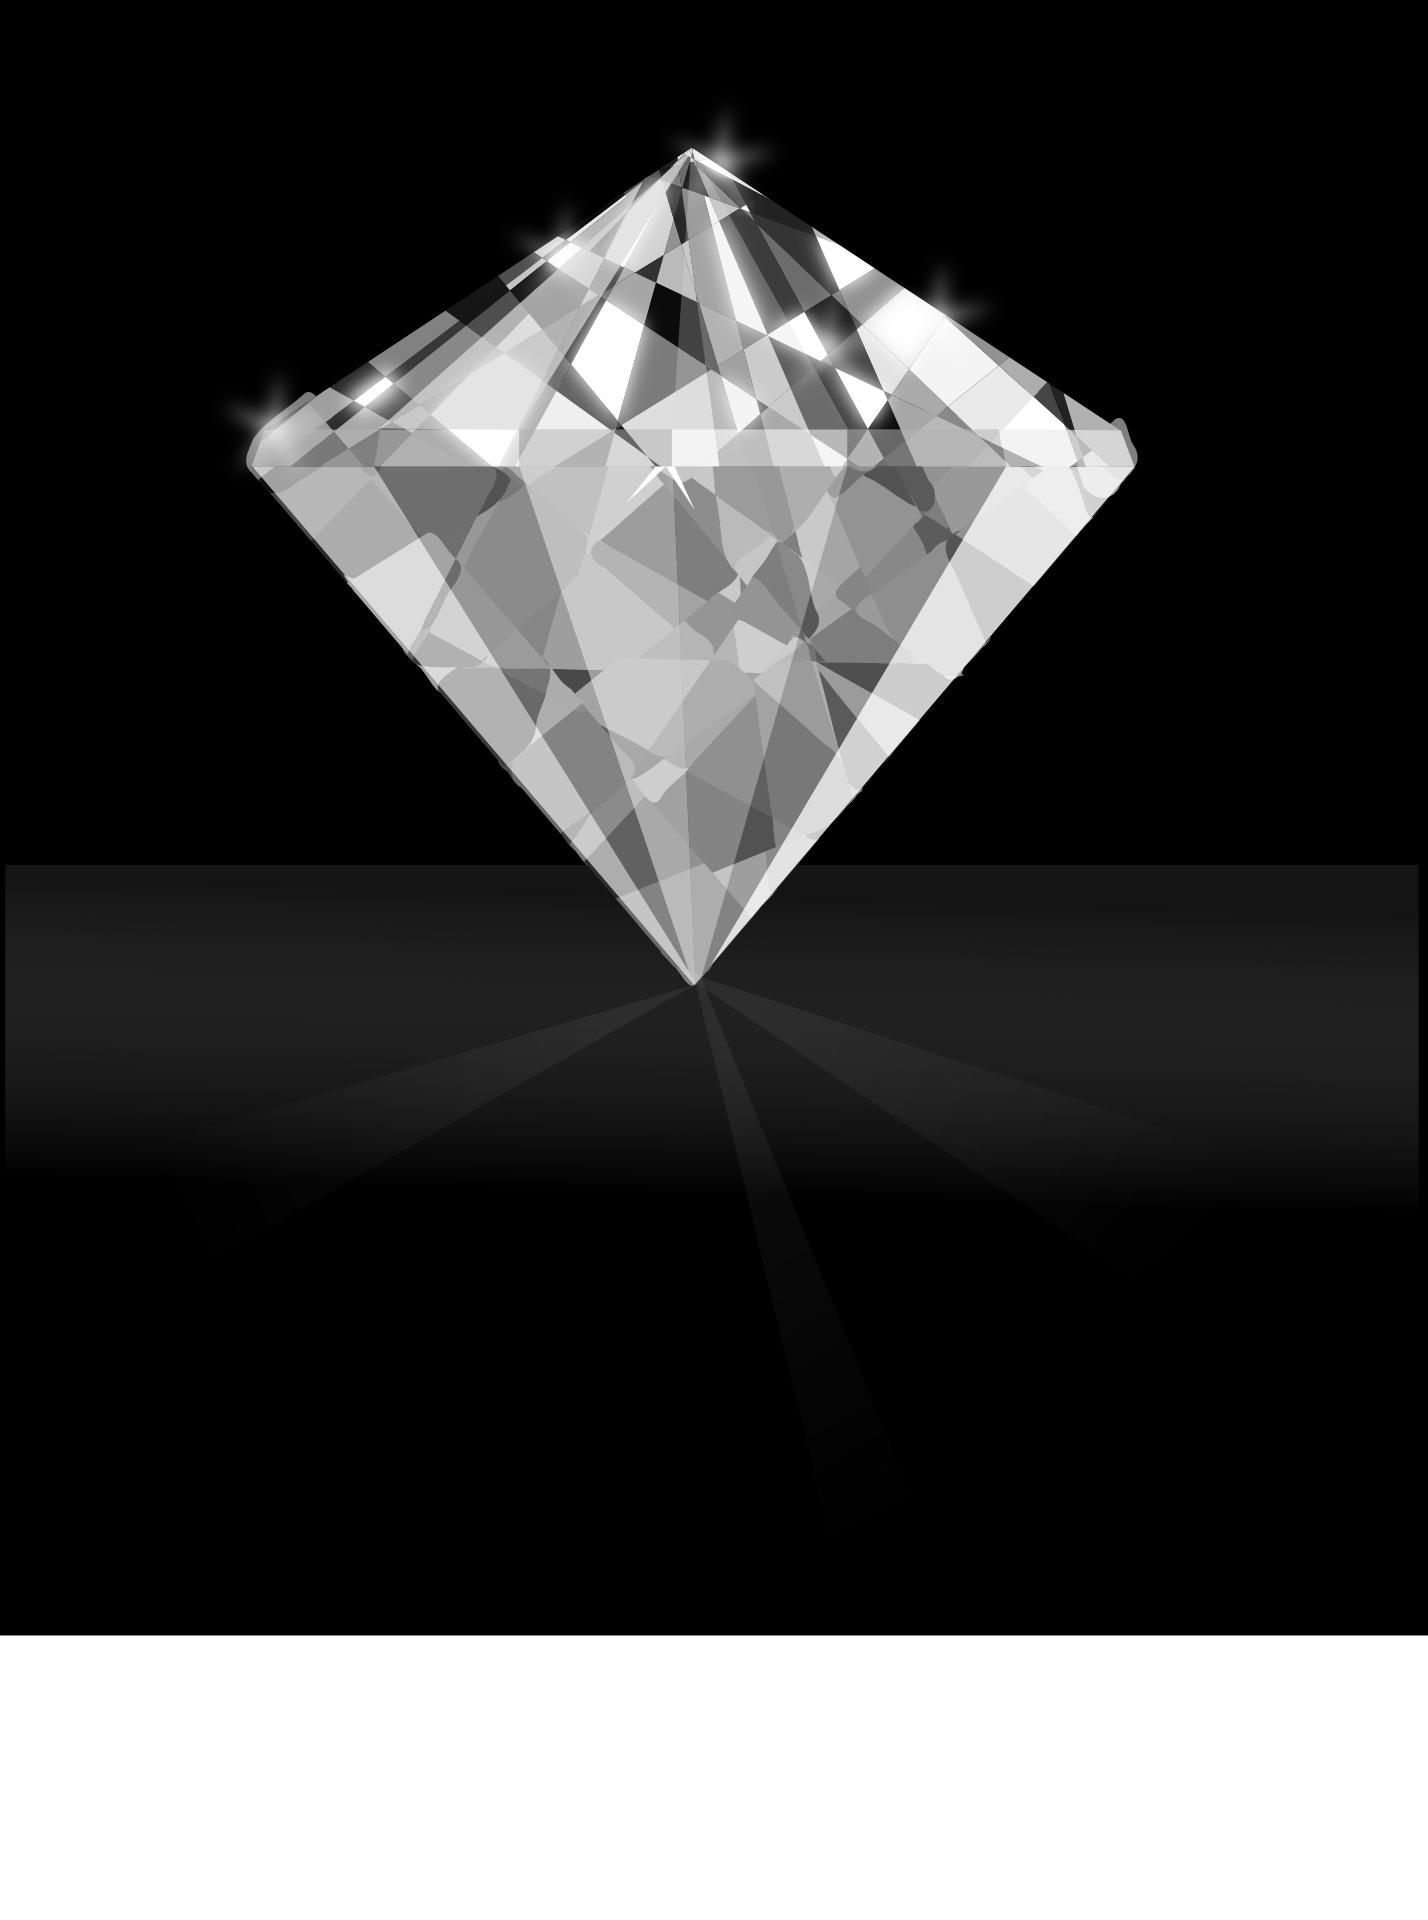 Shimmering Diamond vector-symbol of love